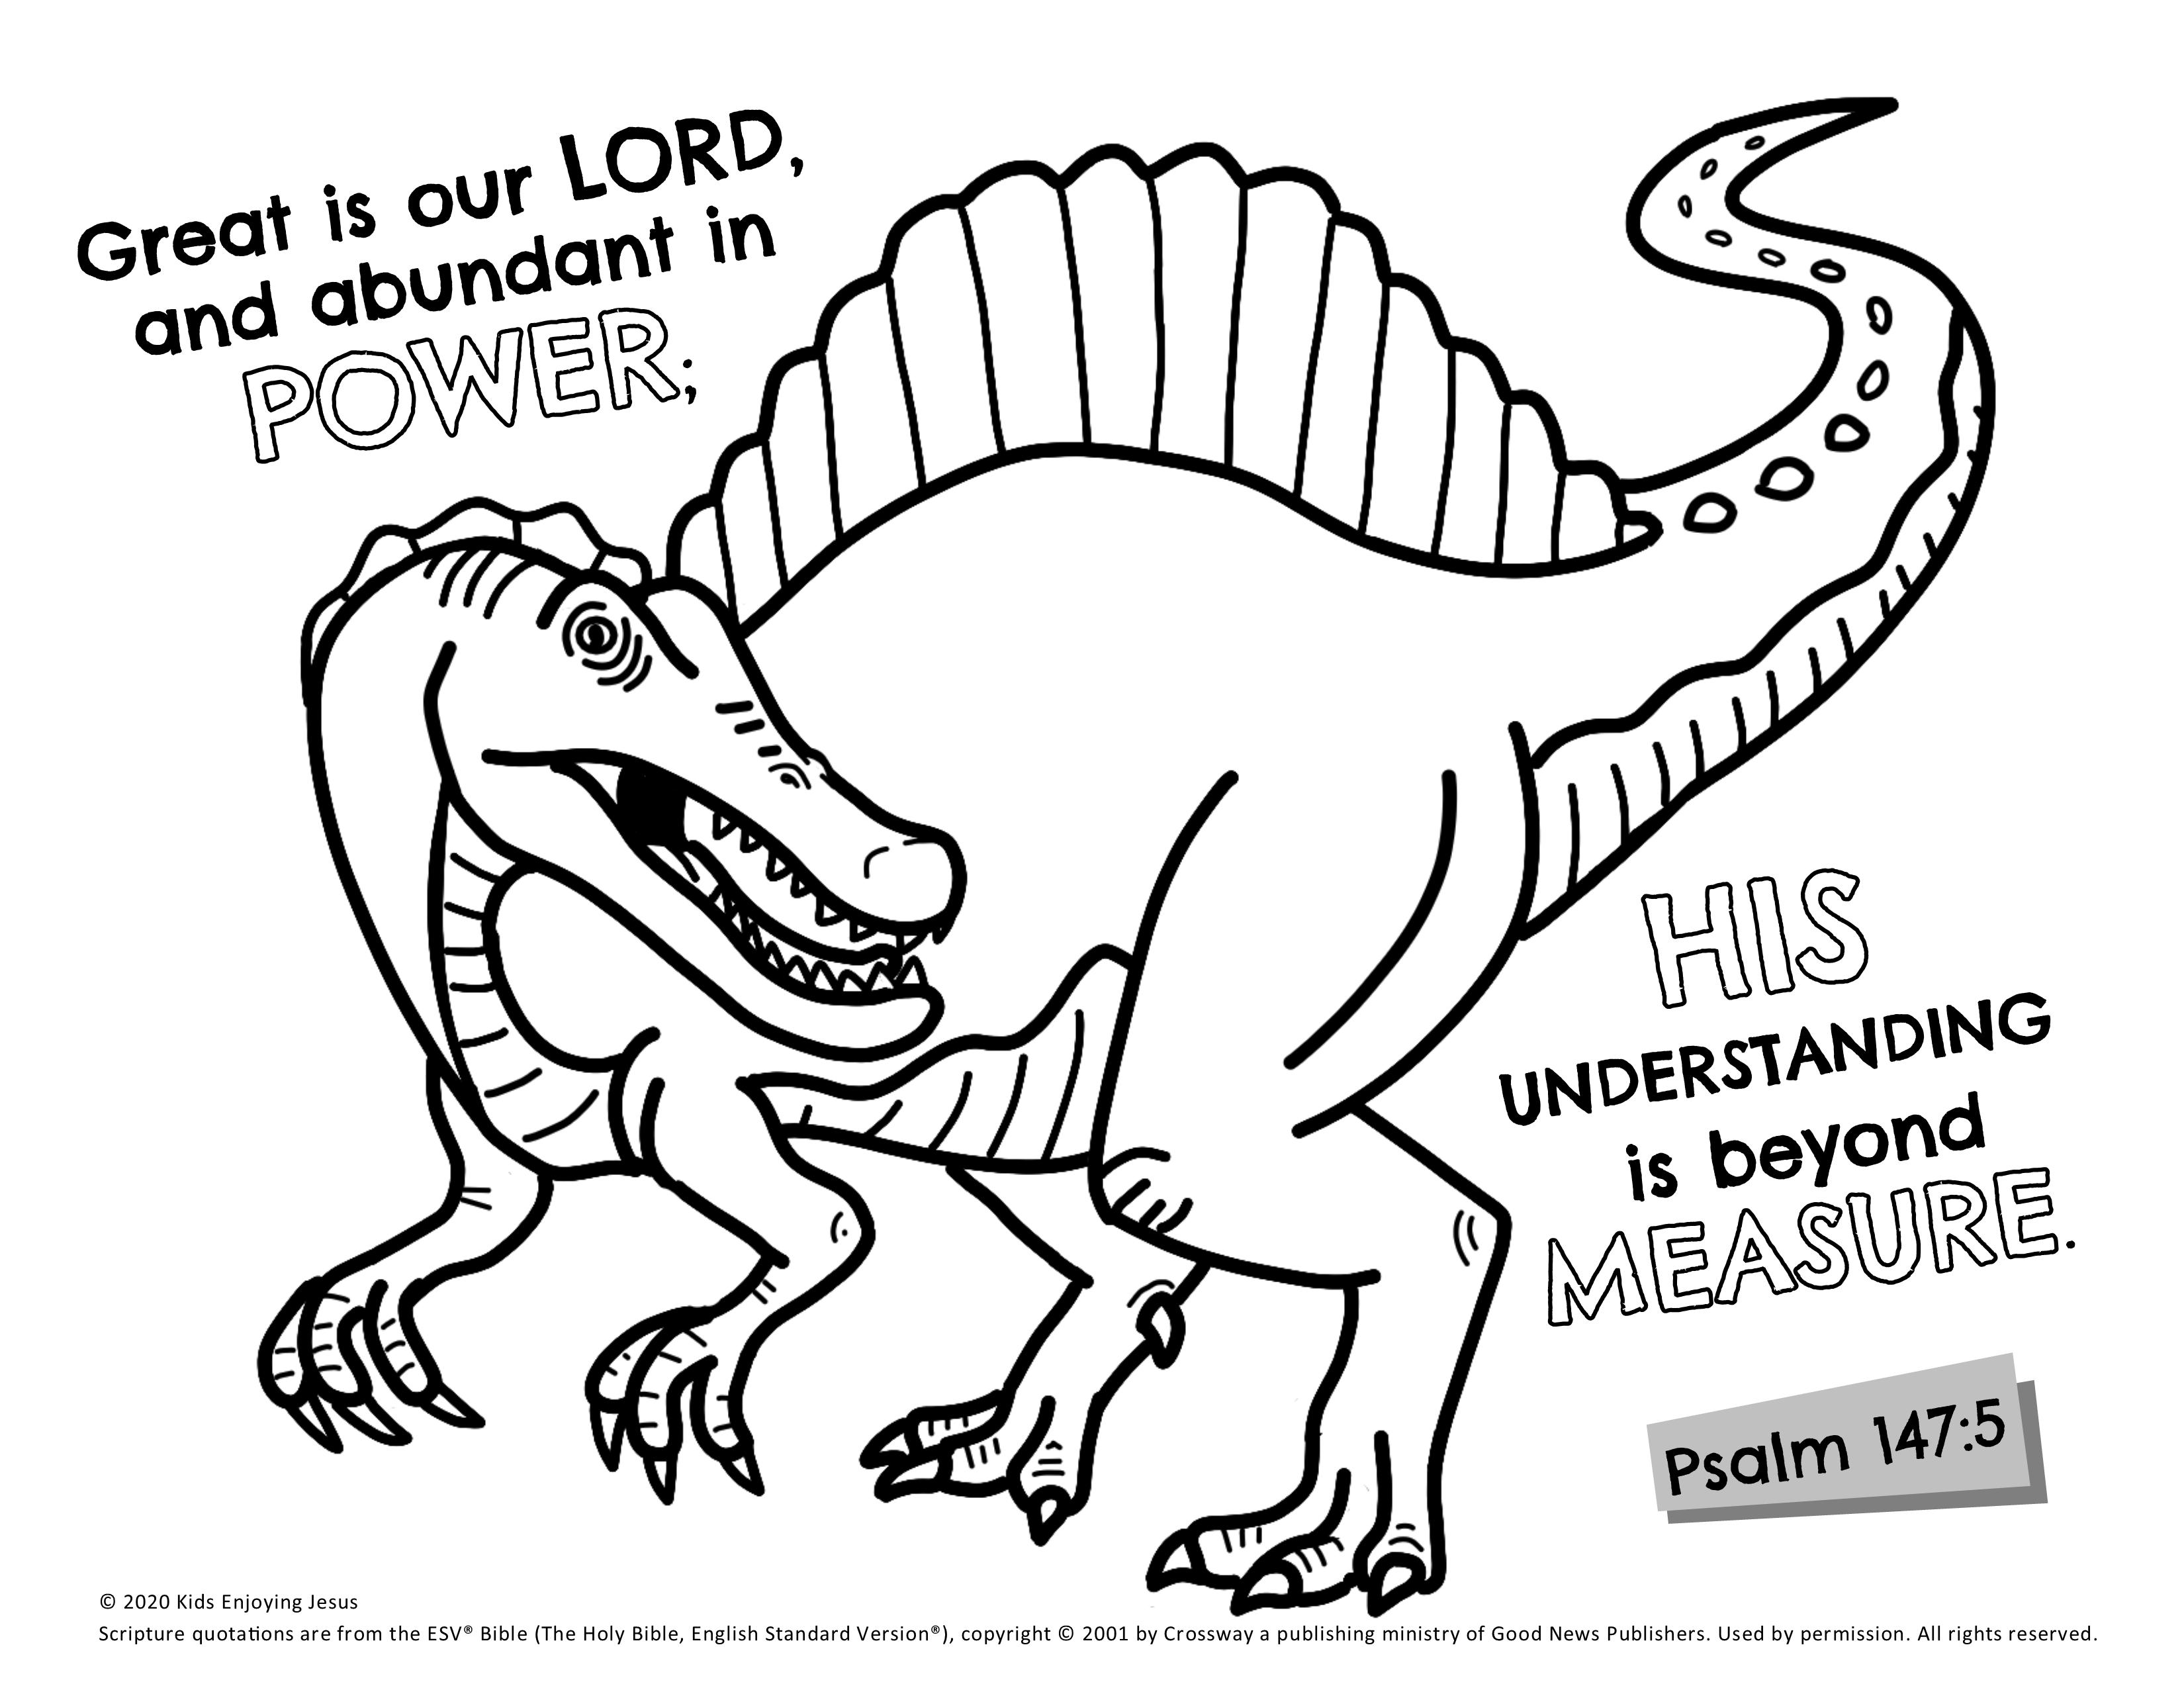 Spinosaurus Coloring Page - Kids Enjoying Jesus